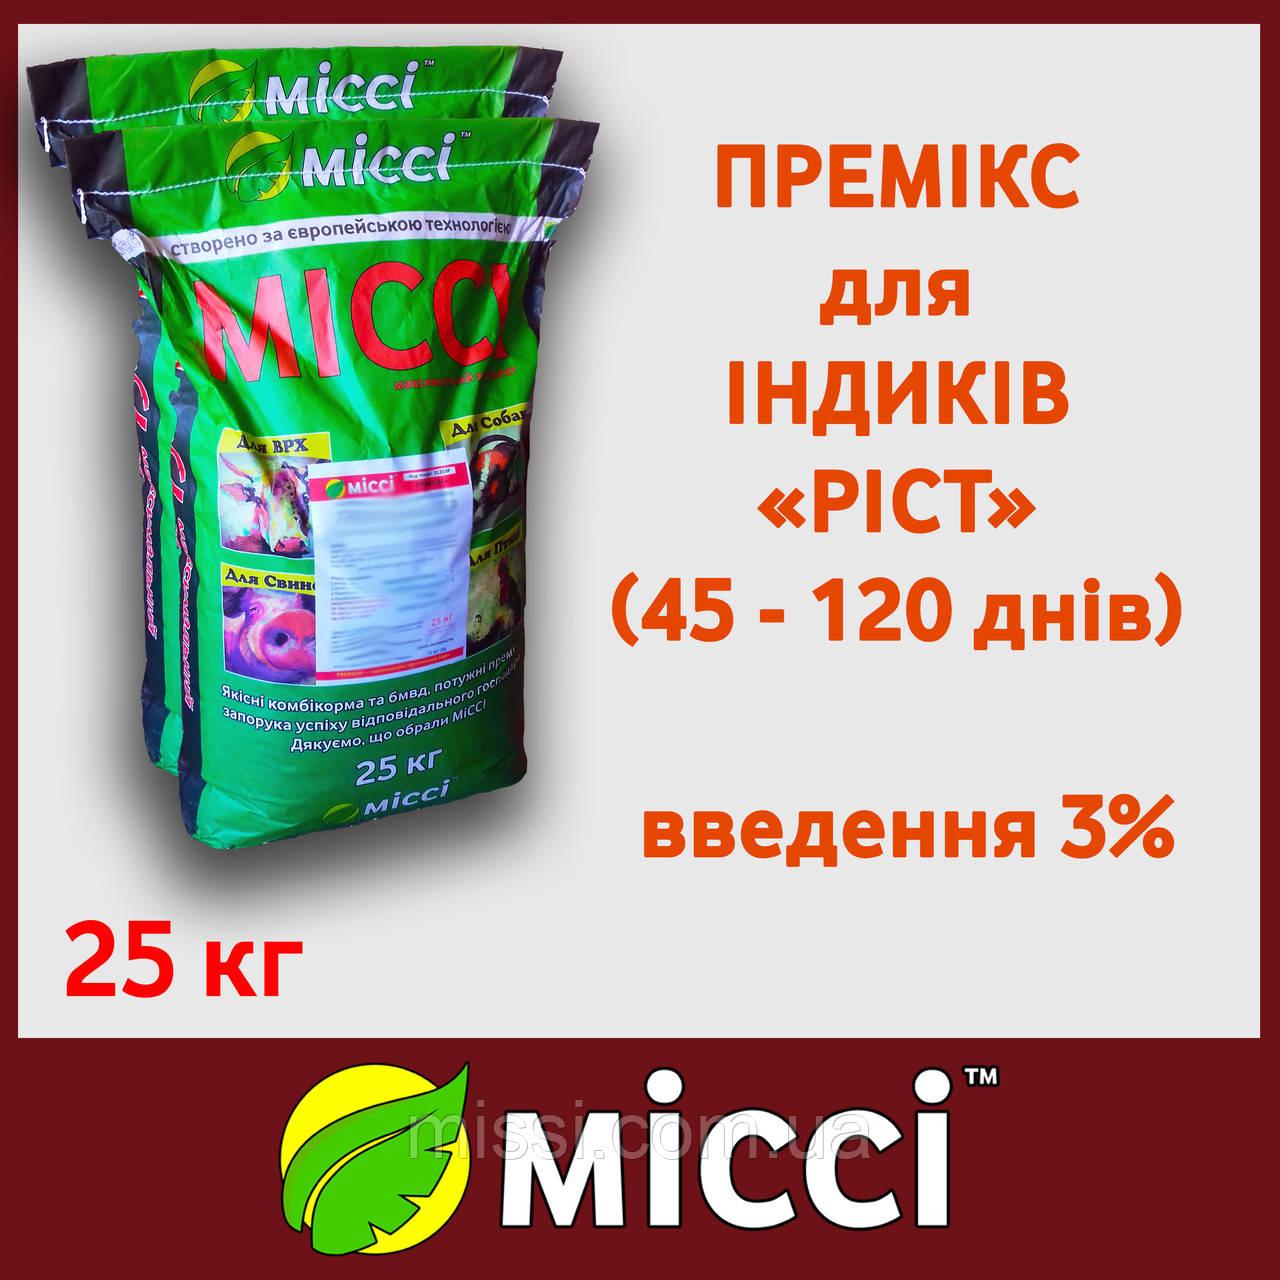 """ПРЕМІКС 3% """"ІНДИК"""" Ріст Міссі"""